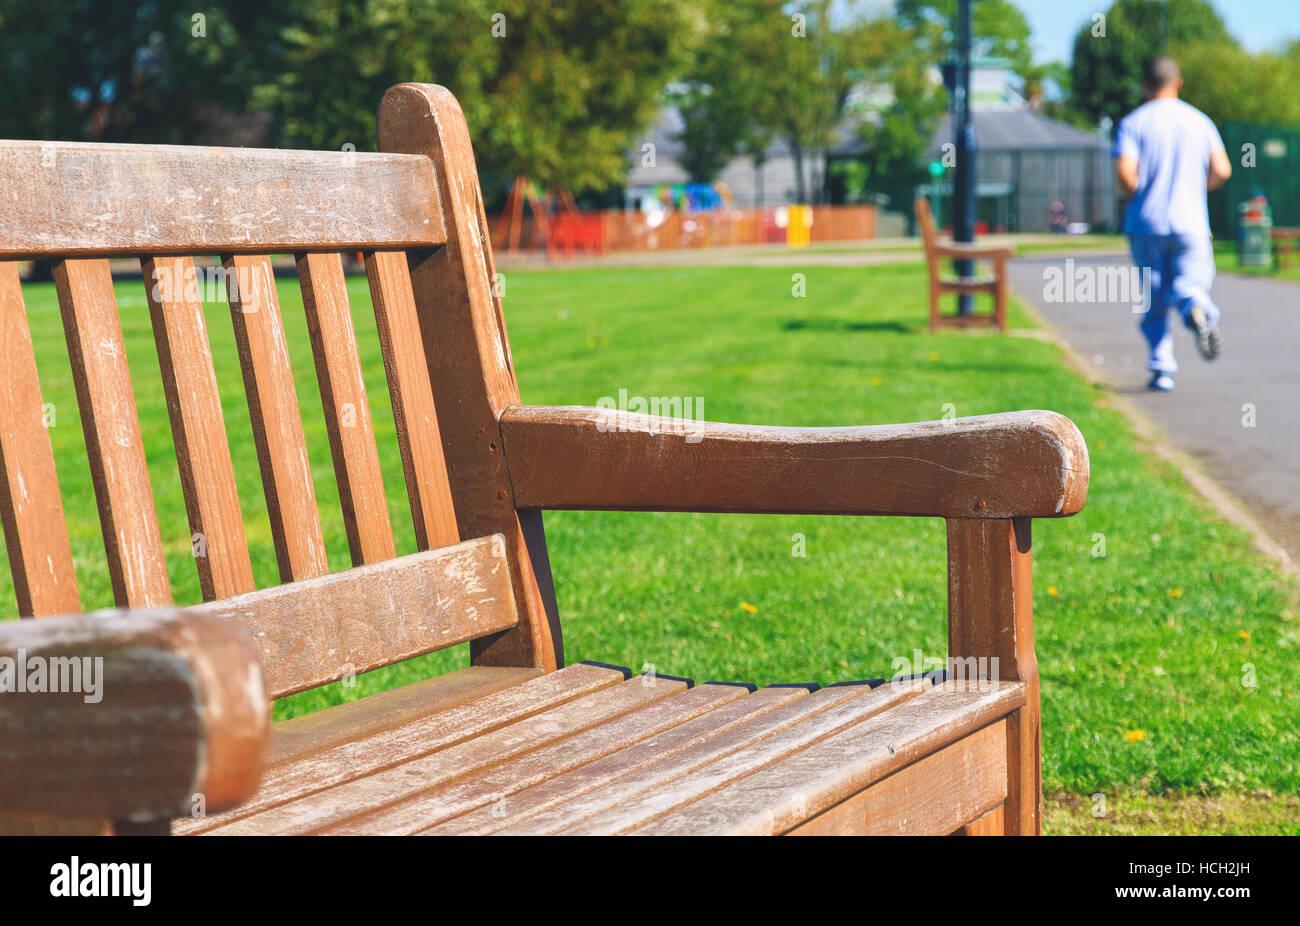 les banc en bois avec un jogger en arrière-plan dans un parc banque